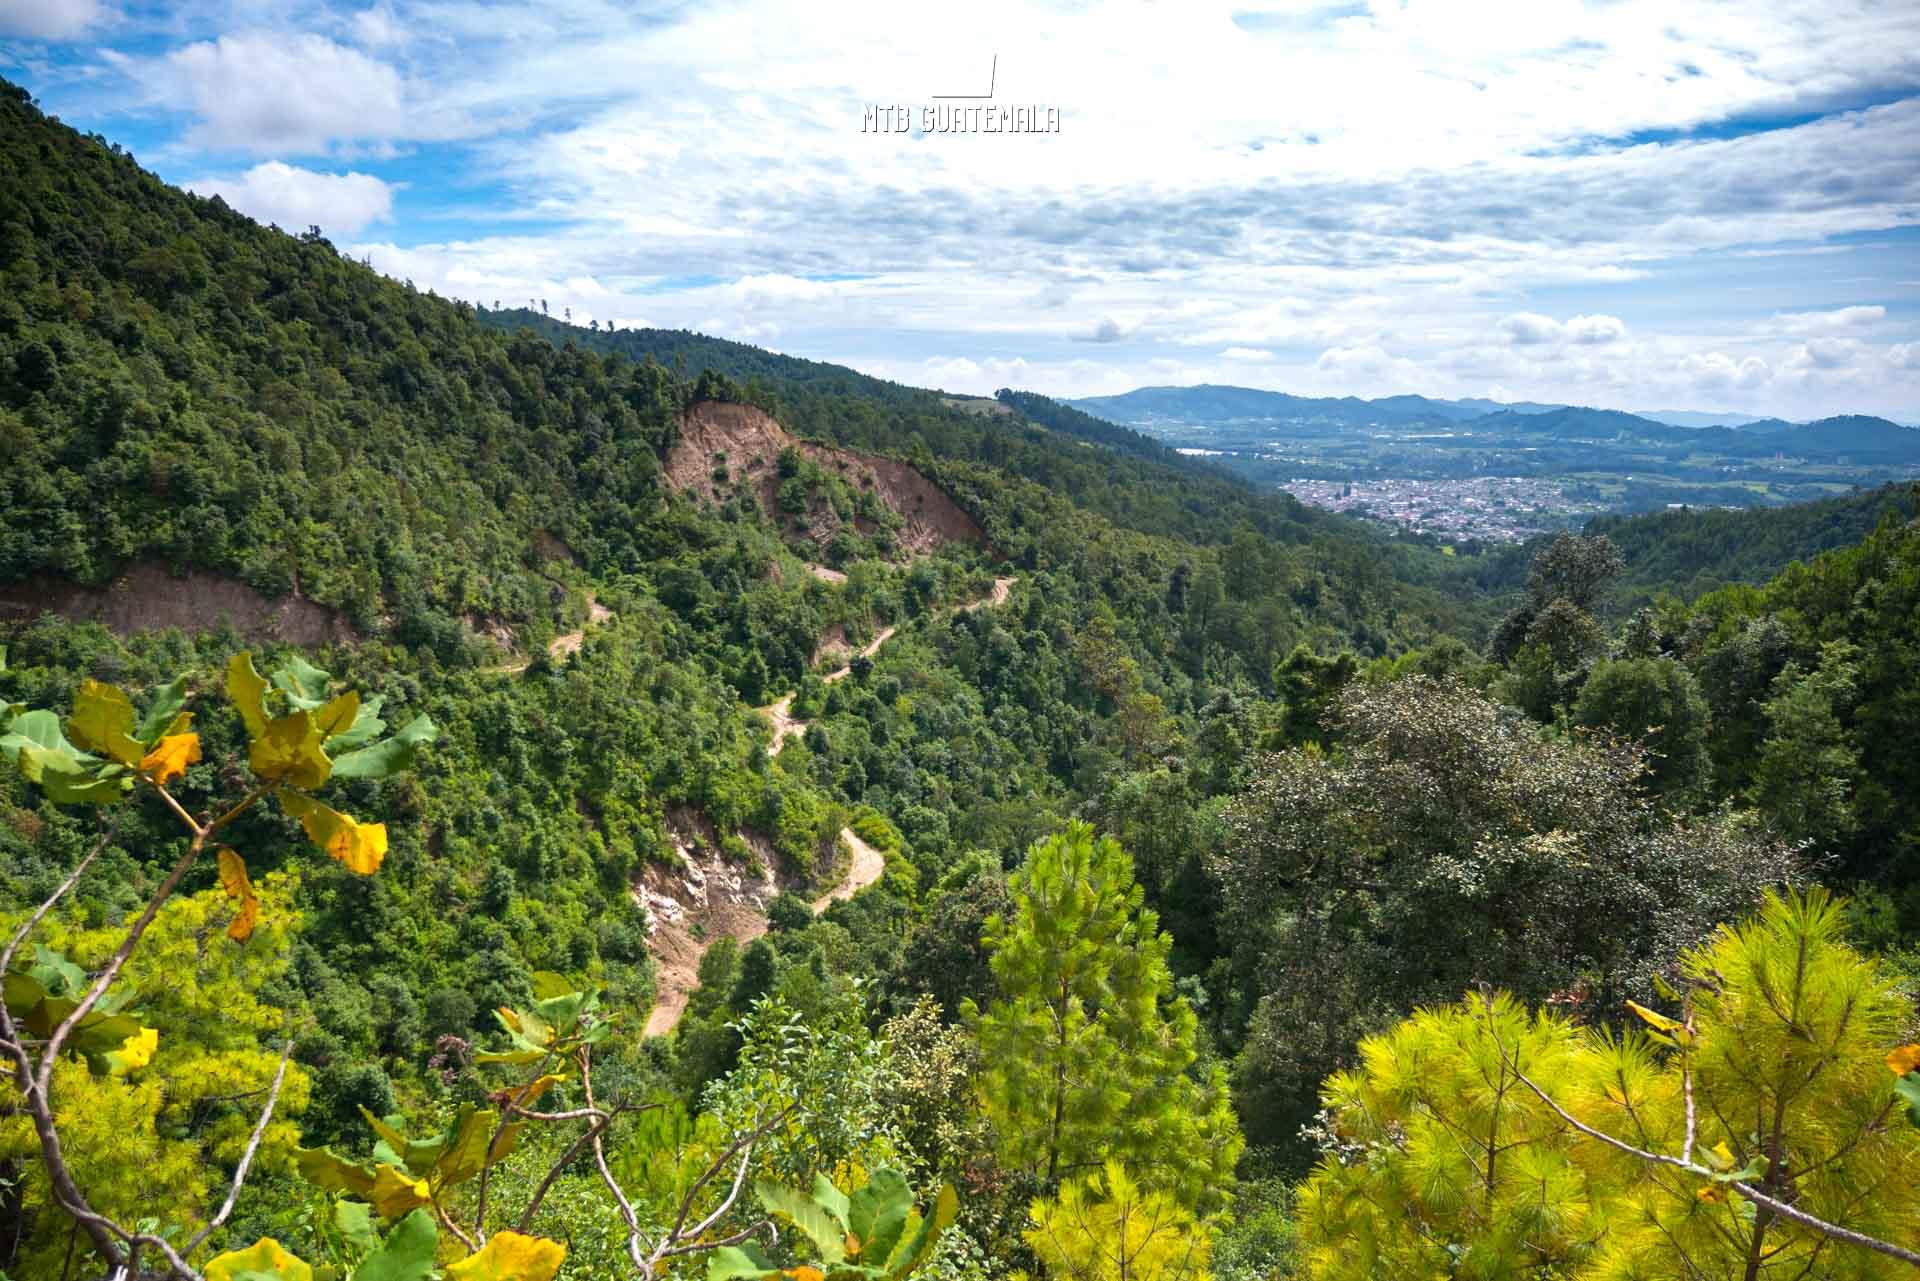 Mountain views above the town of Tecpán.